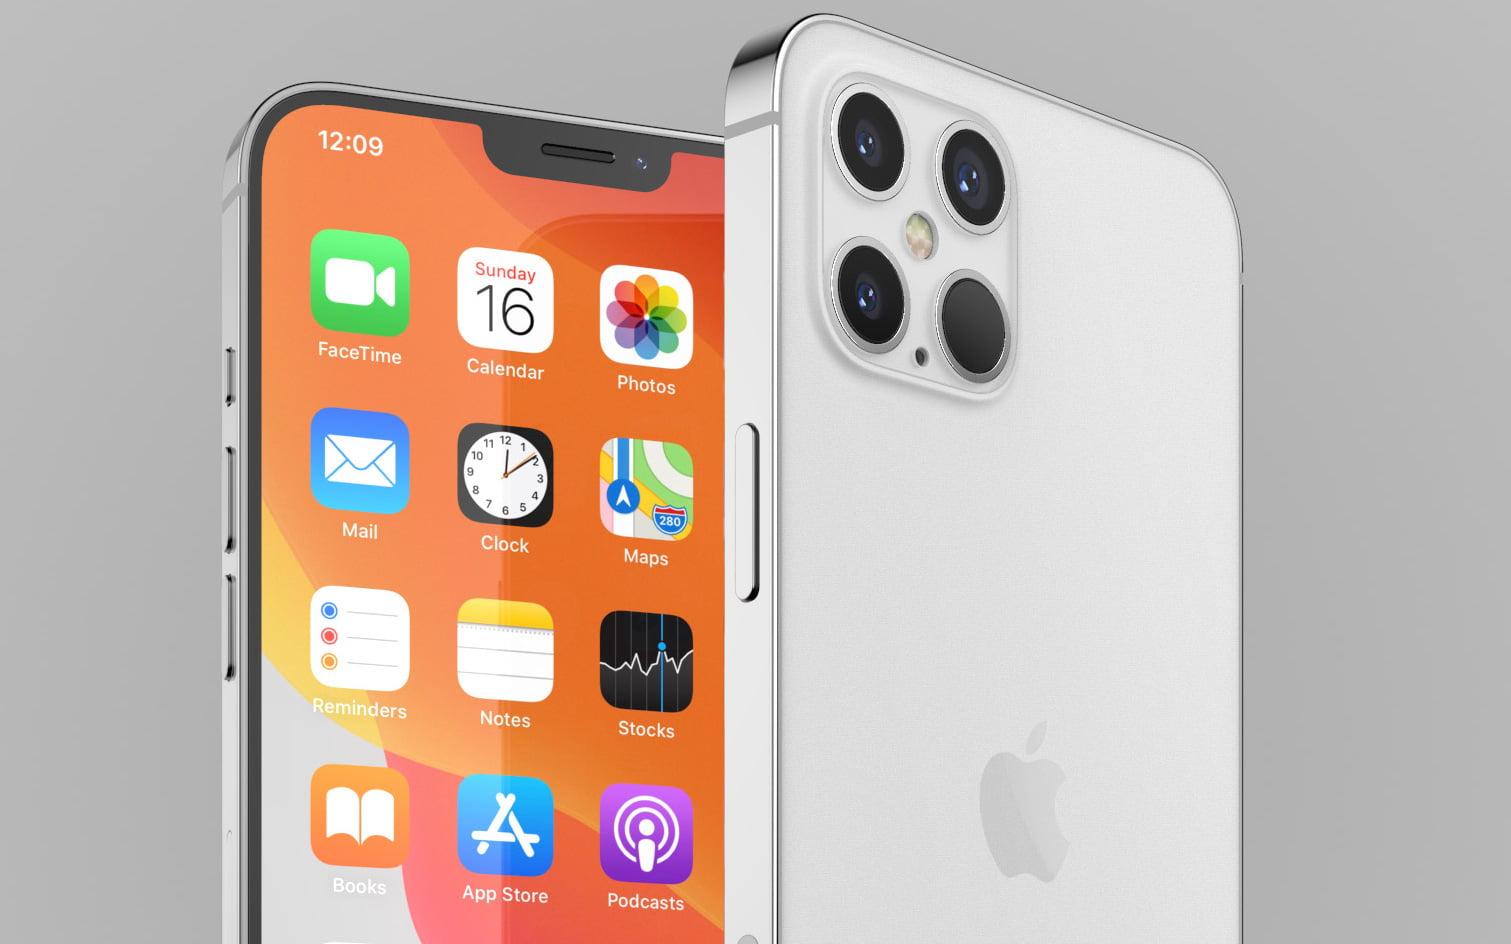 Tổng hợp thông tin rò rỉ về chip Apple A14 trên iPhone 12